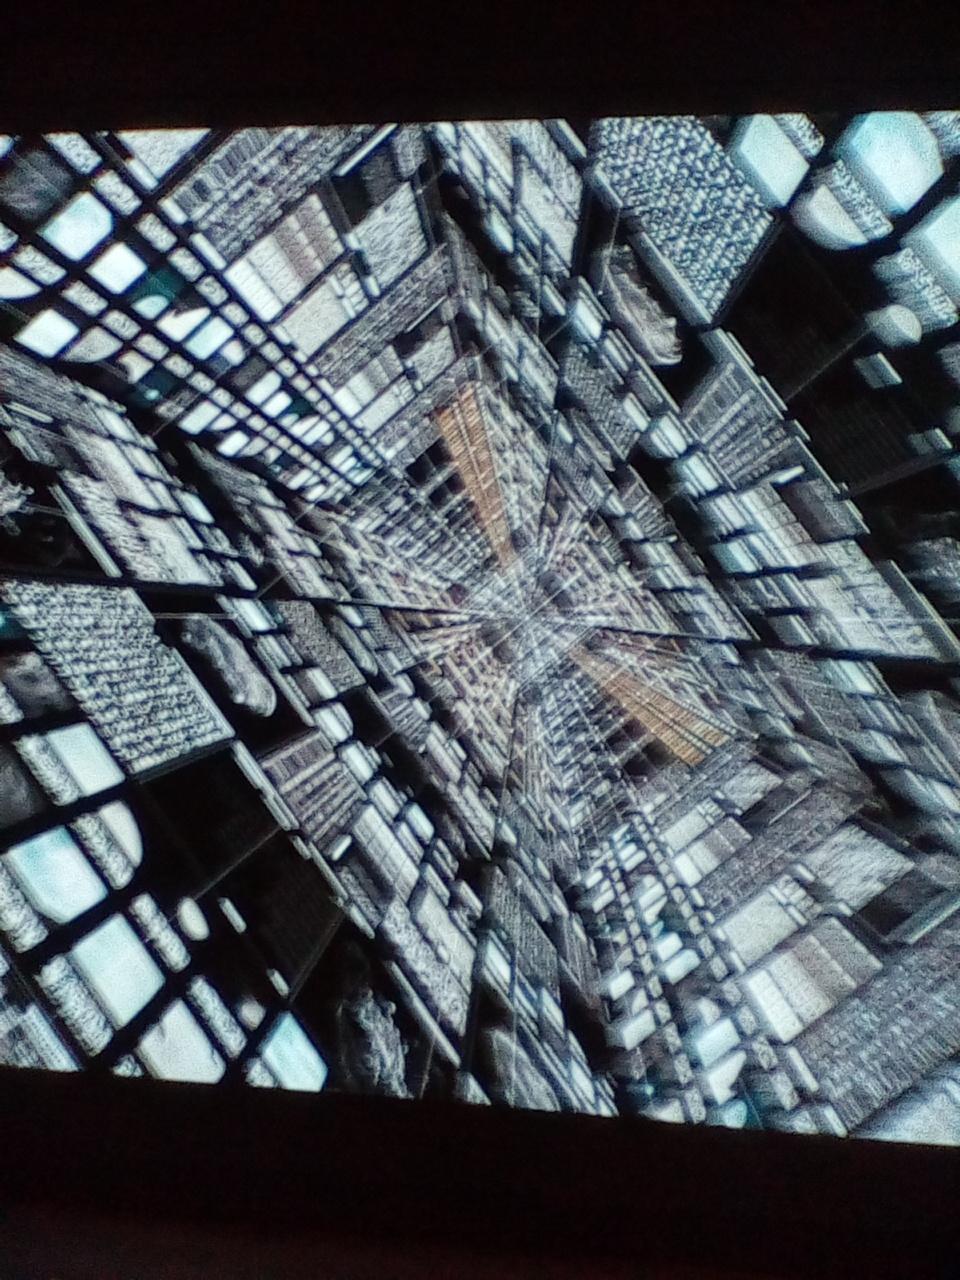 Pompidou 20